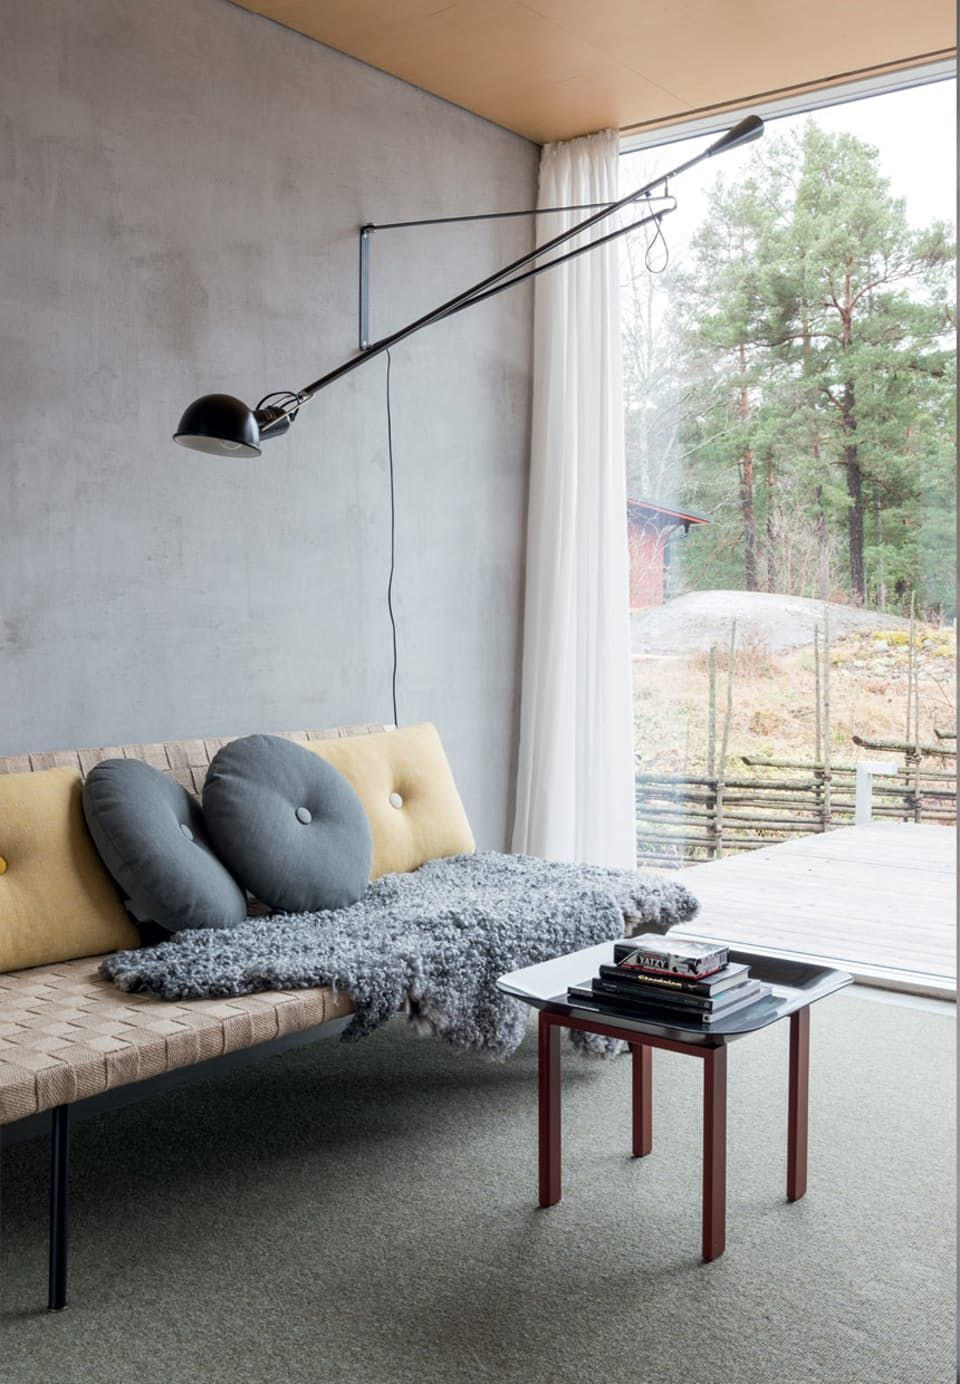 Spektakulær bolig midt i naturen | Pinterest | Ikea design, Daybed ...